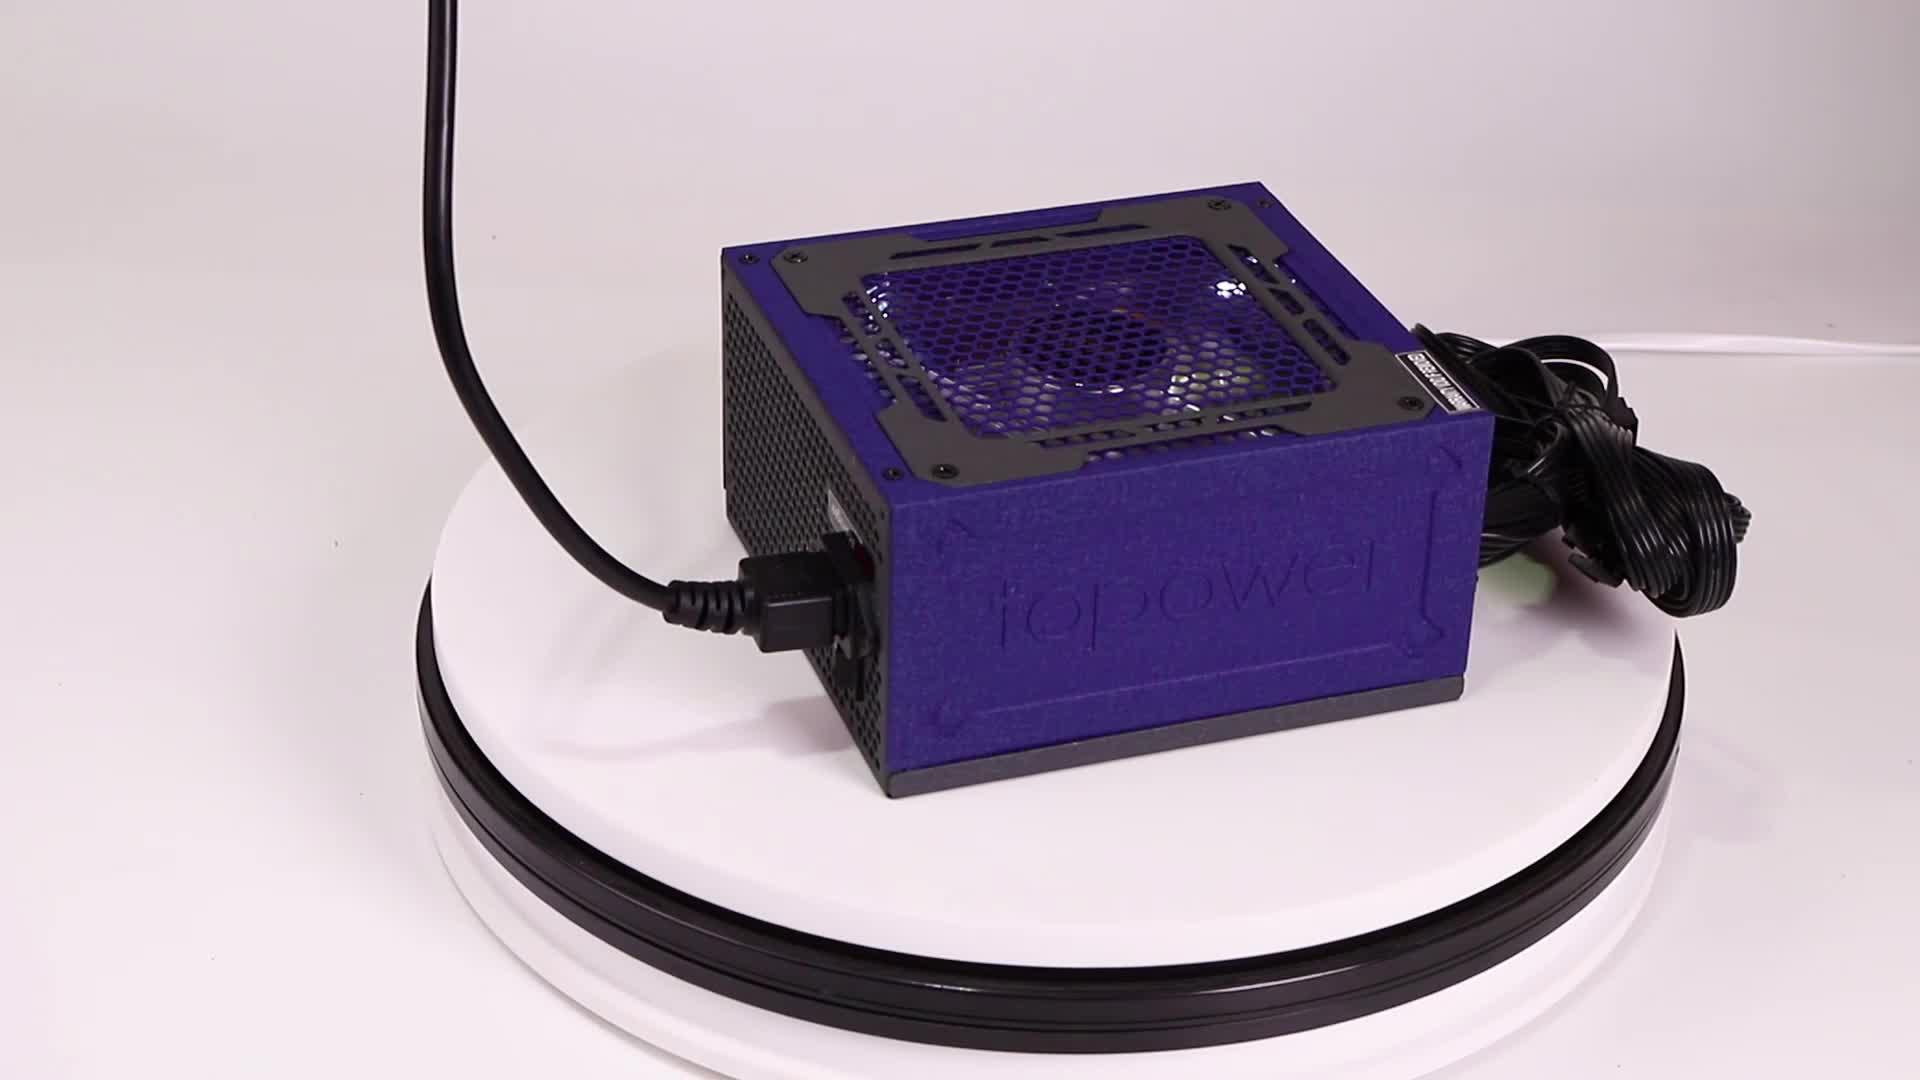 750W güç kaynağı anahtarlama Pc oyun Psu P4 atx güç kaynağı